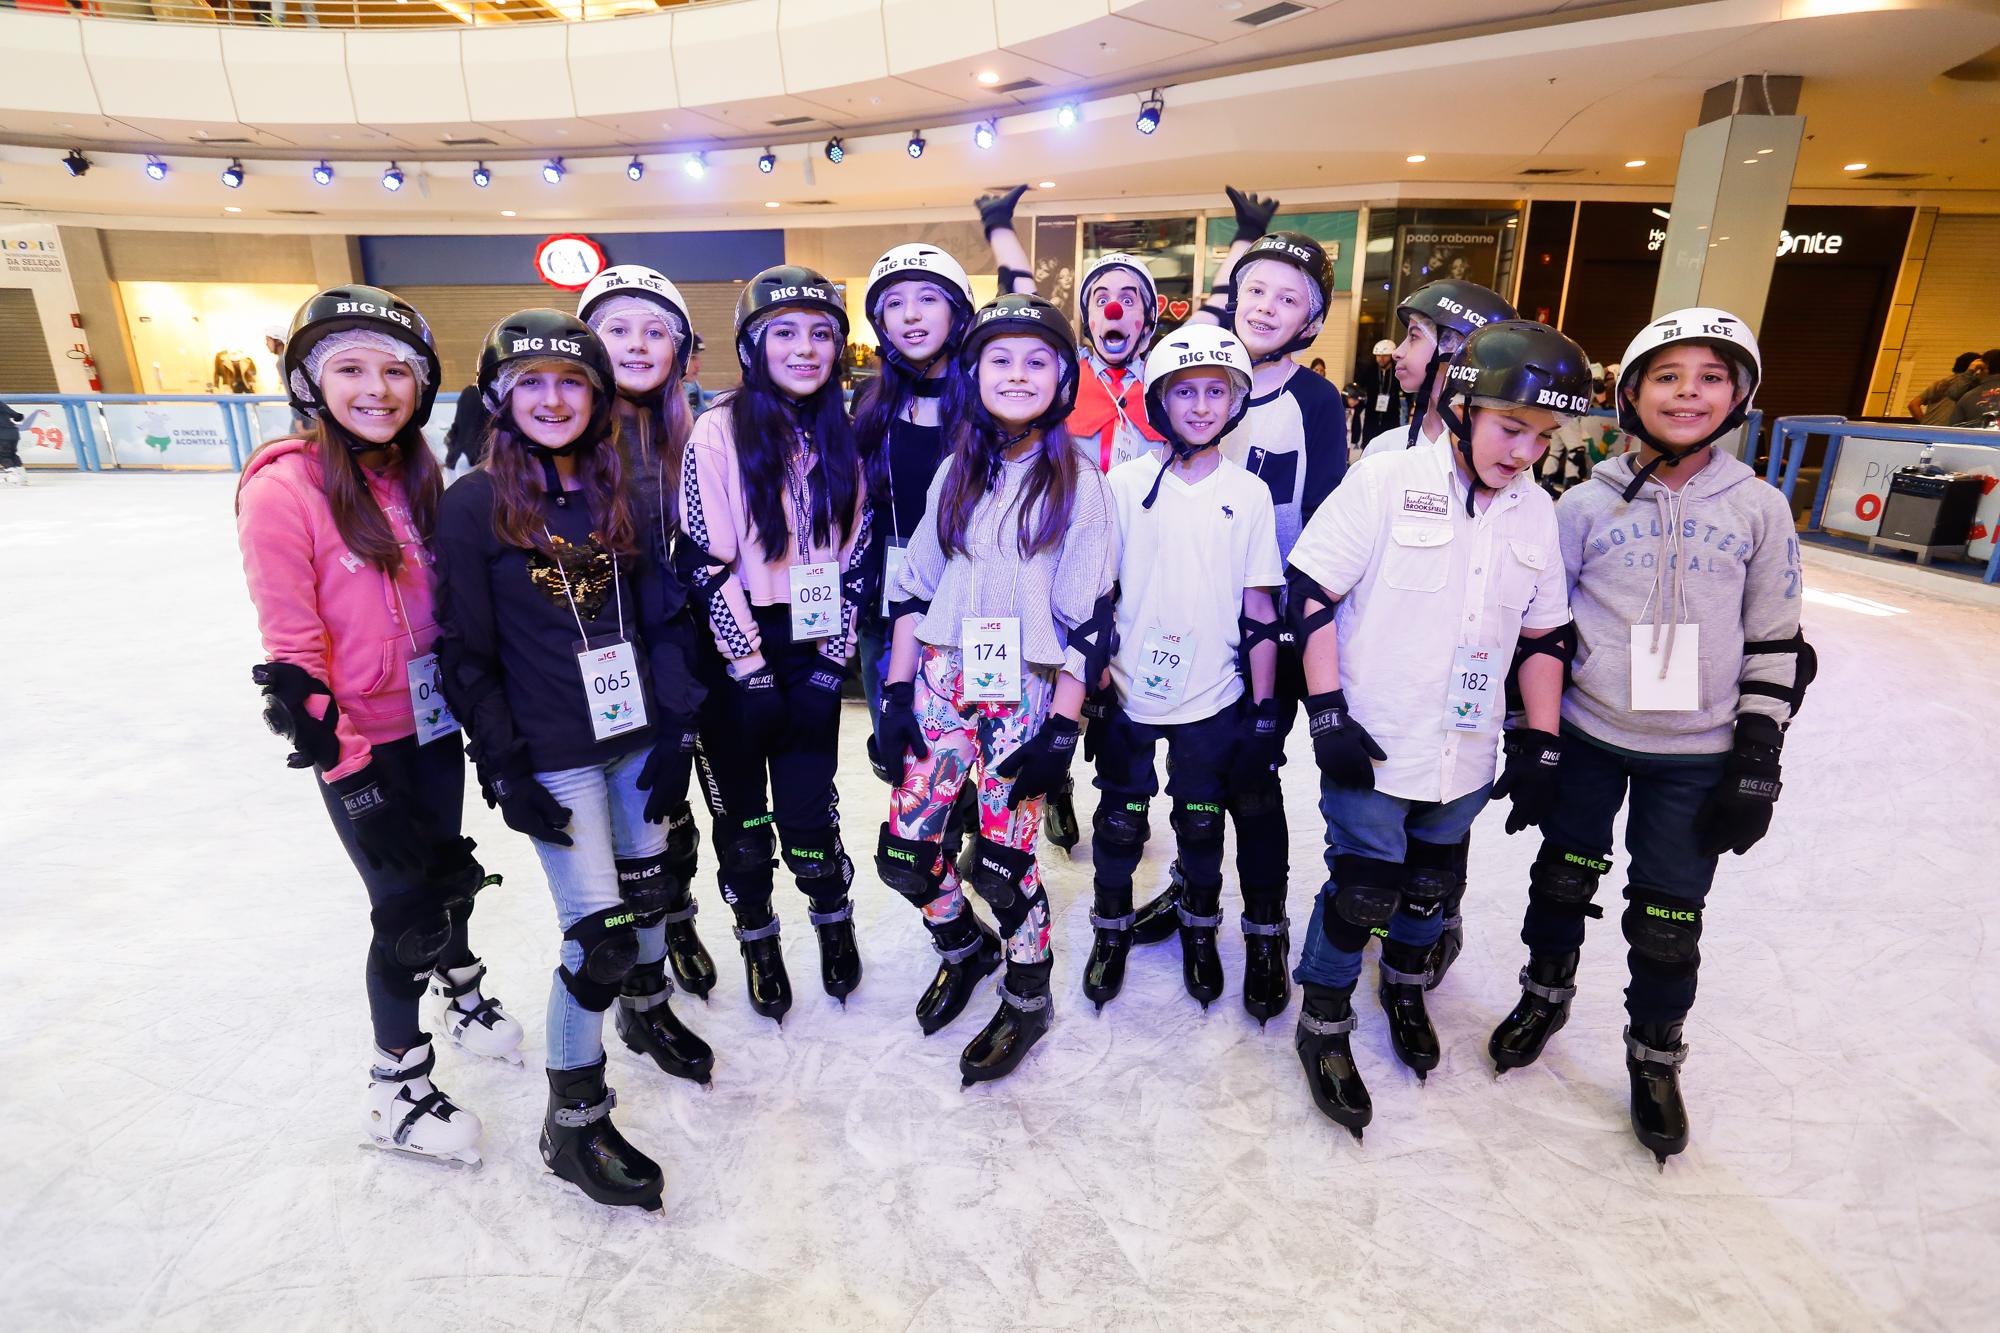 Rafa Gomes deslancha na carreira e patina no gelo com amigos